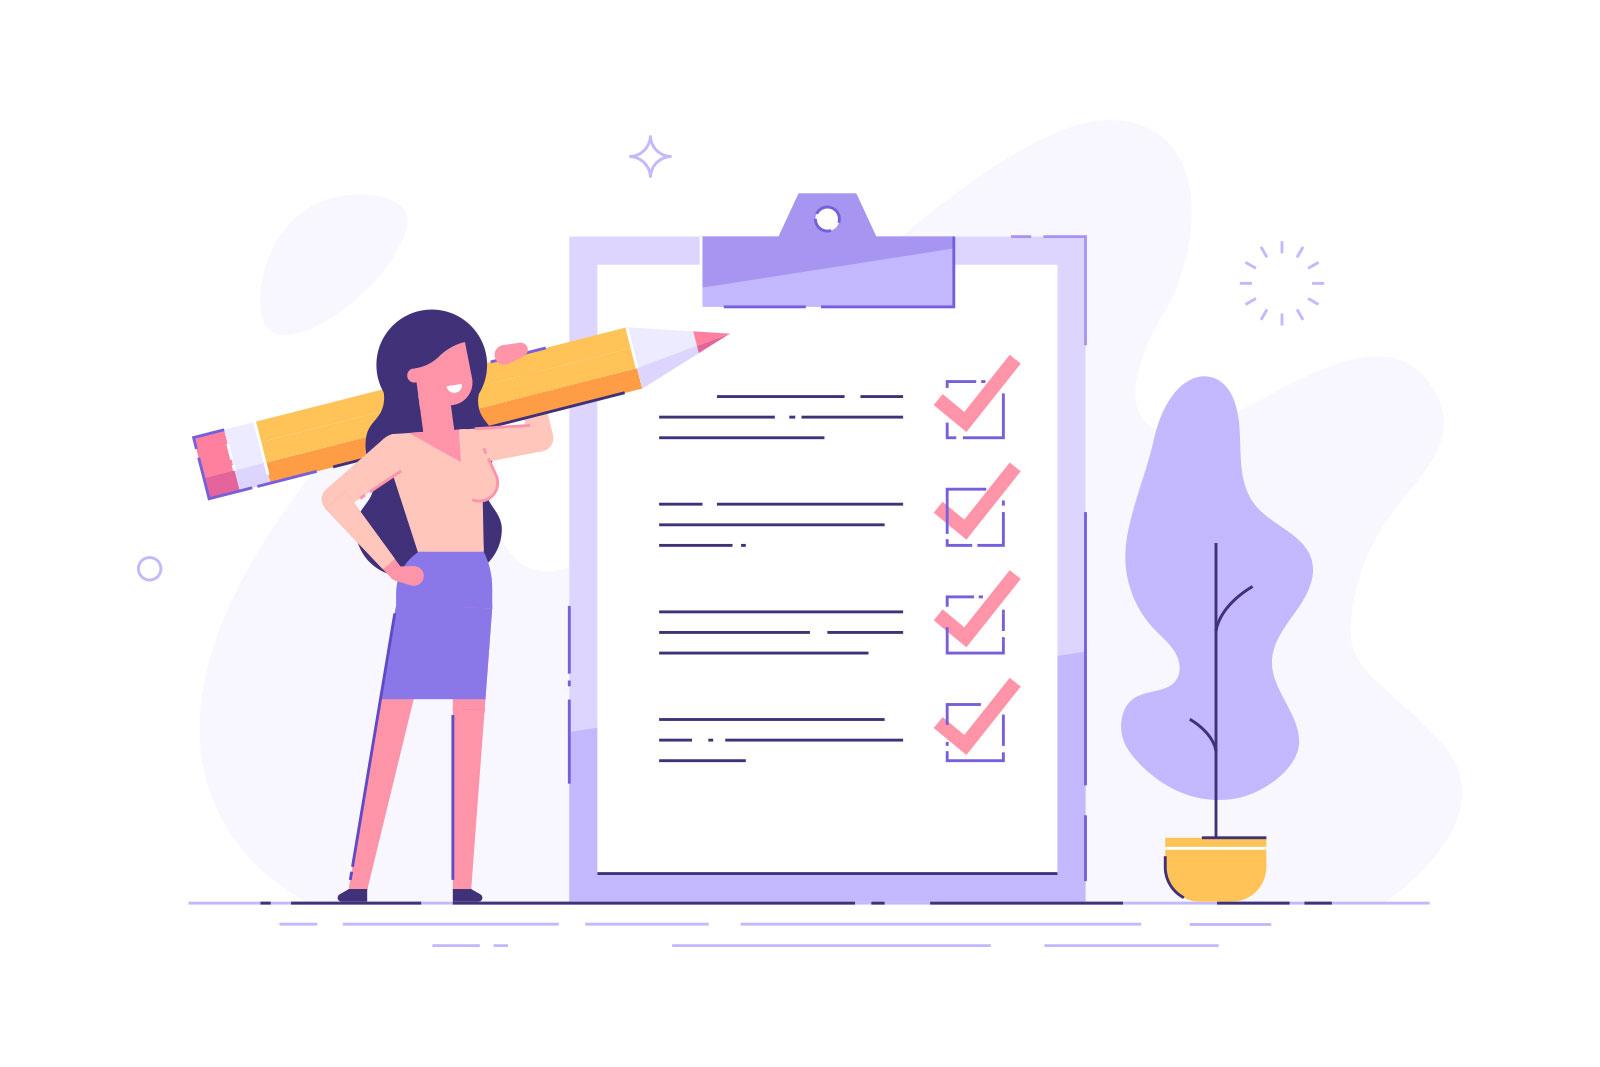 Checklist công việc là gì? Những điều một nhân viên nên làm - Connect.vn -  Mạng xã hội hỏi đáp, đánh giá và chia sẻ